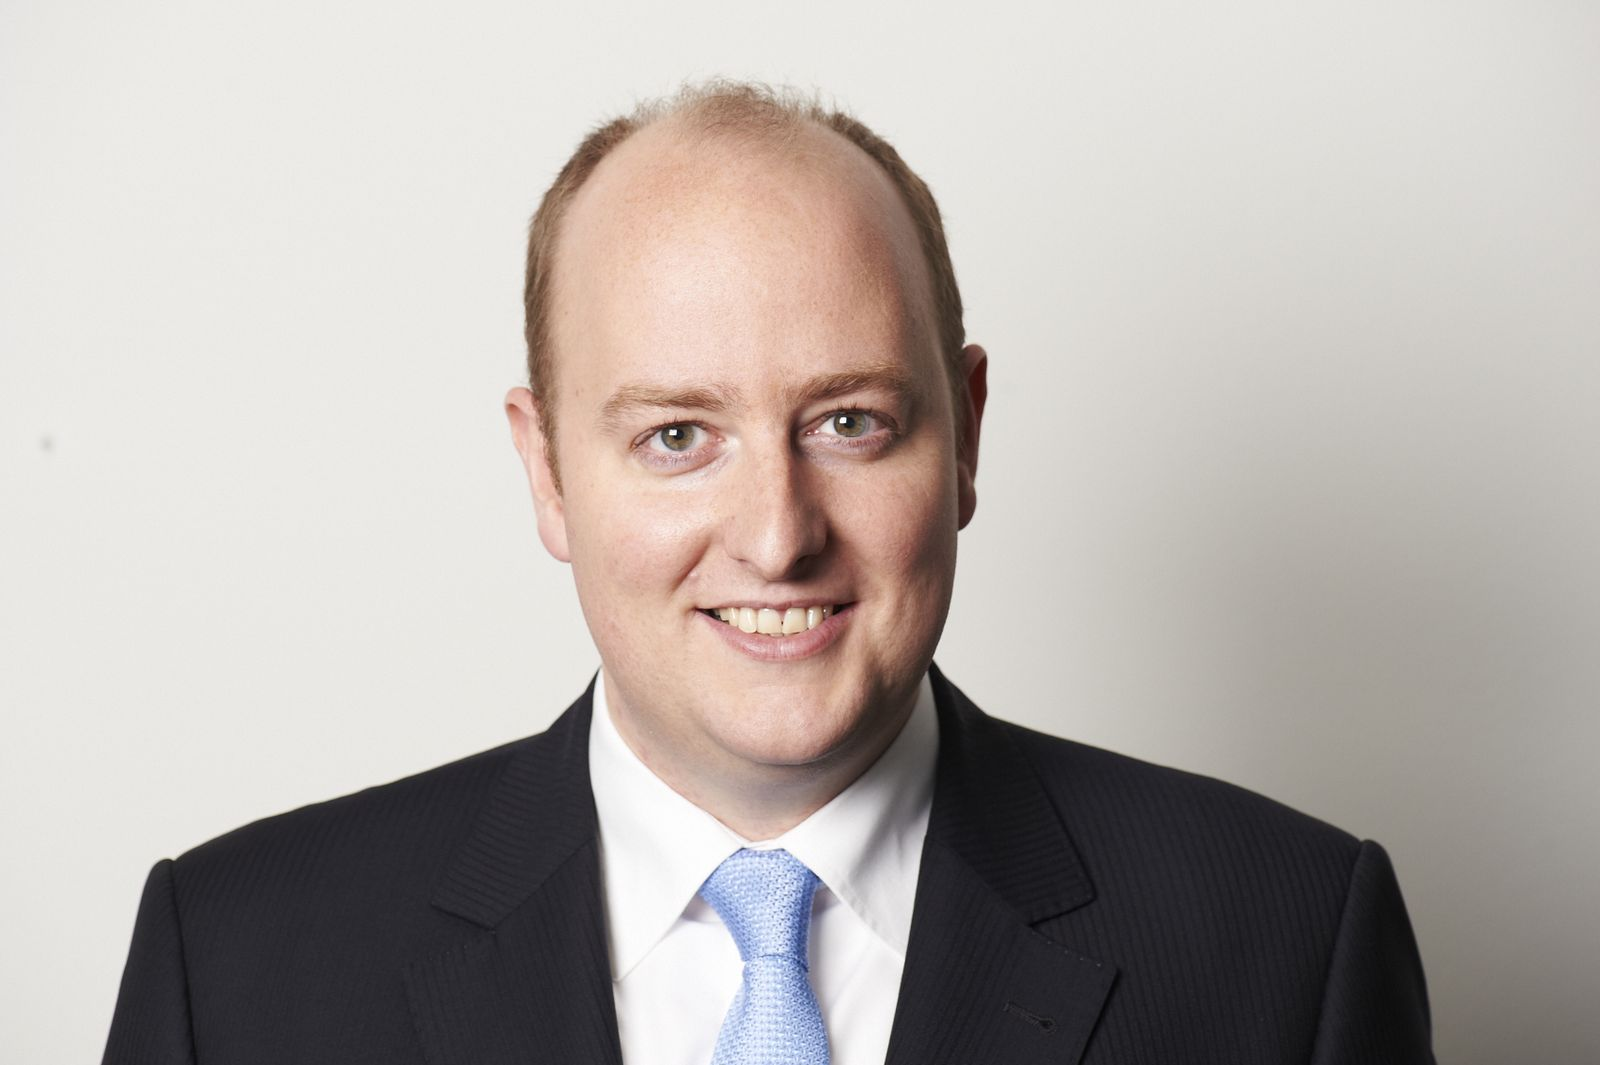 Matthias Hauer / CDU Essen